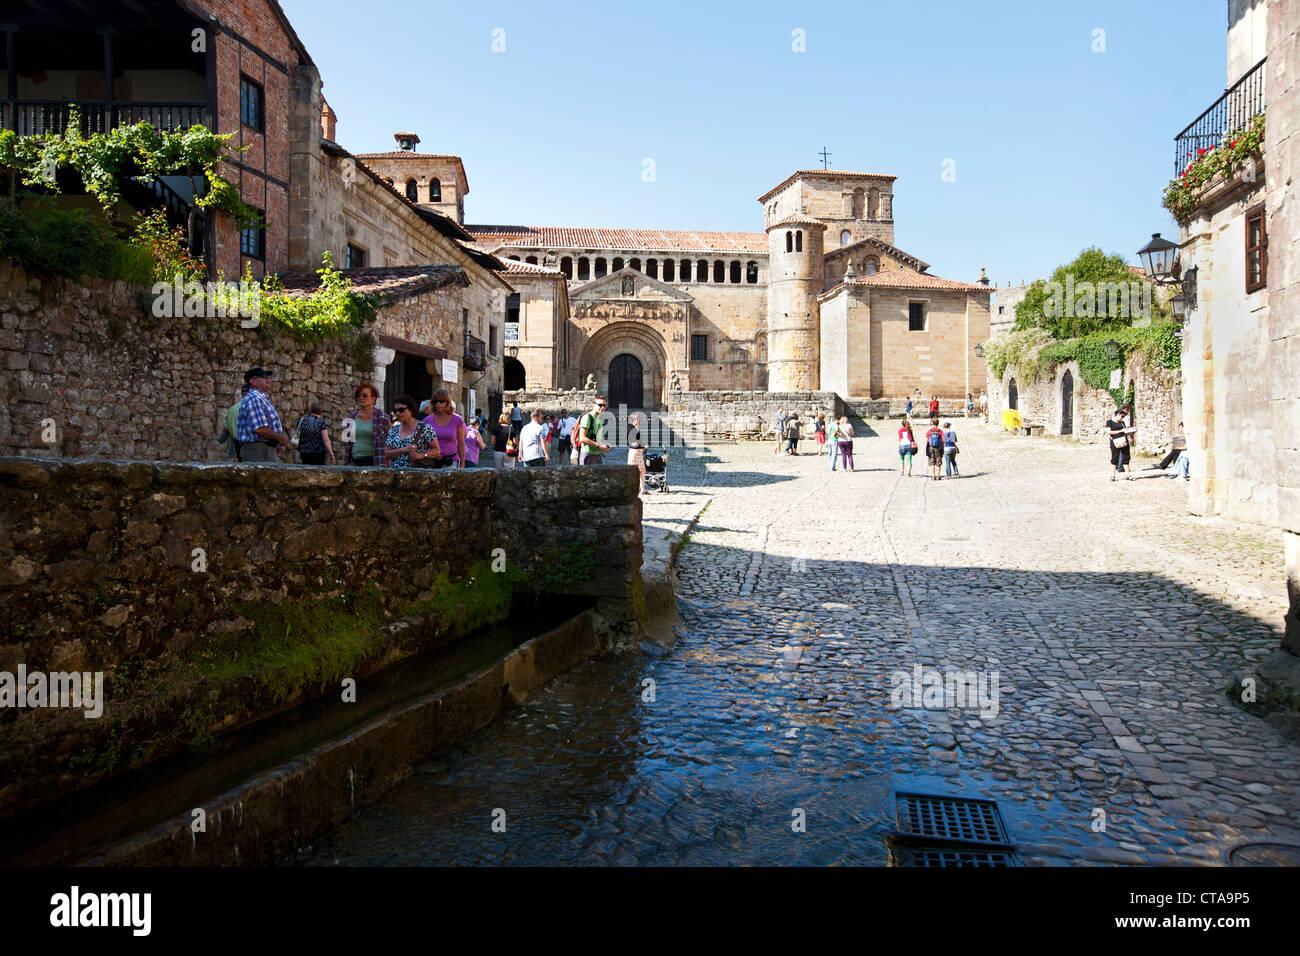 Colegiata de Santillana del Mar, old town, Santillana del Mar, Cantabria, Spain Stock Photo